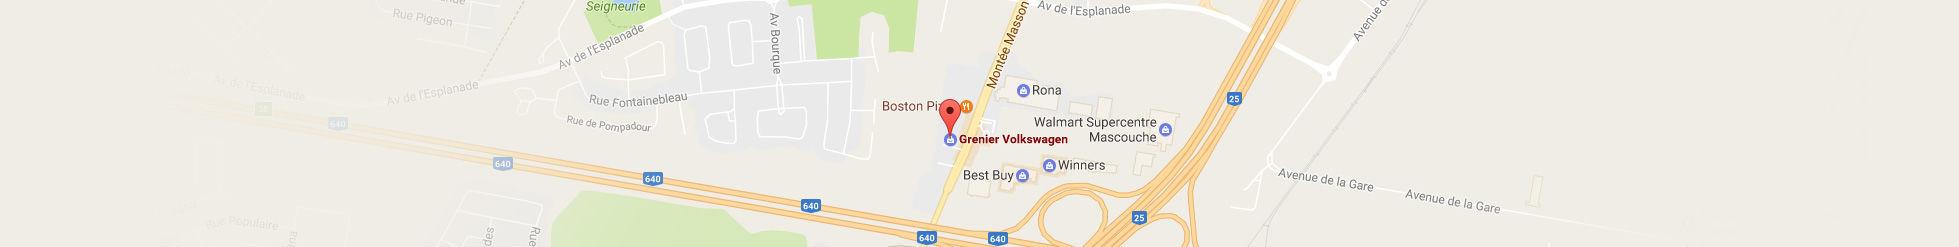 Grenier Volkswagen